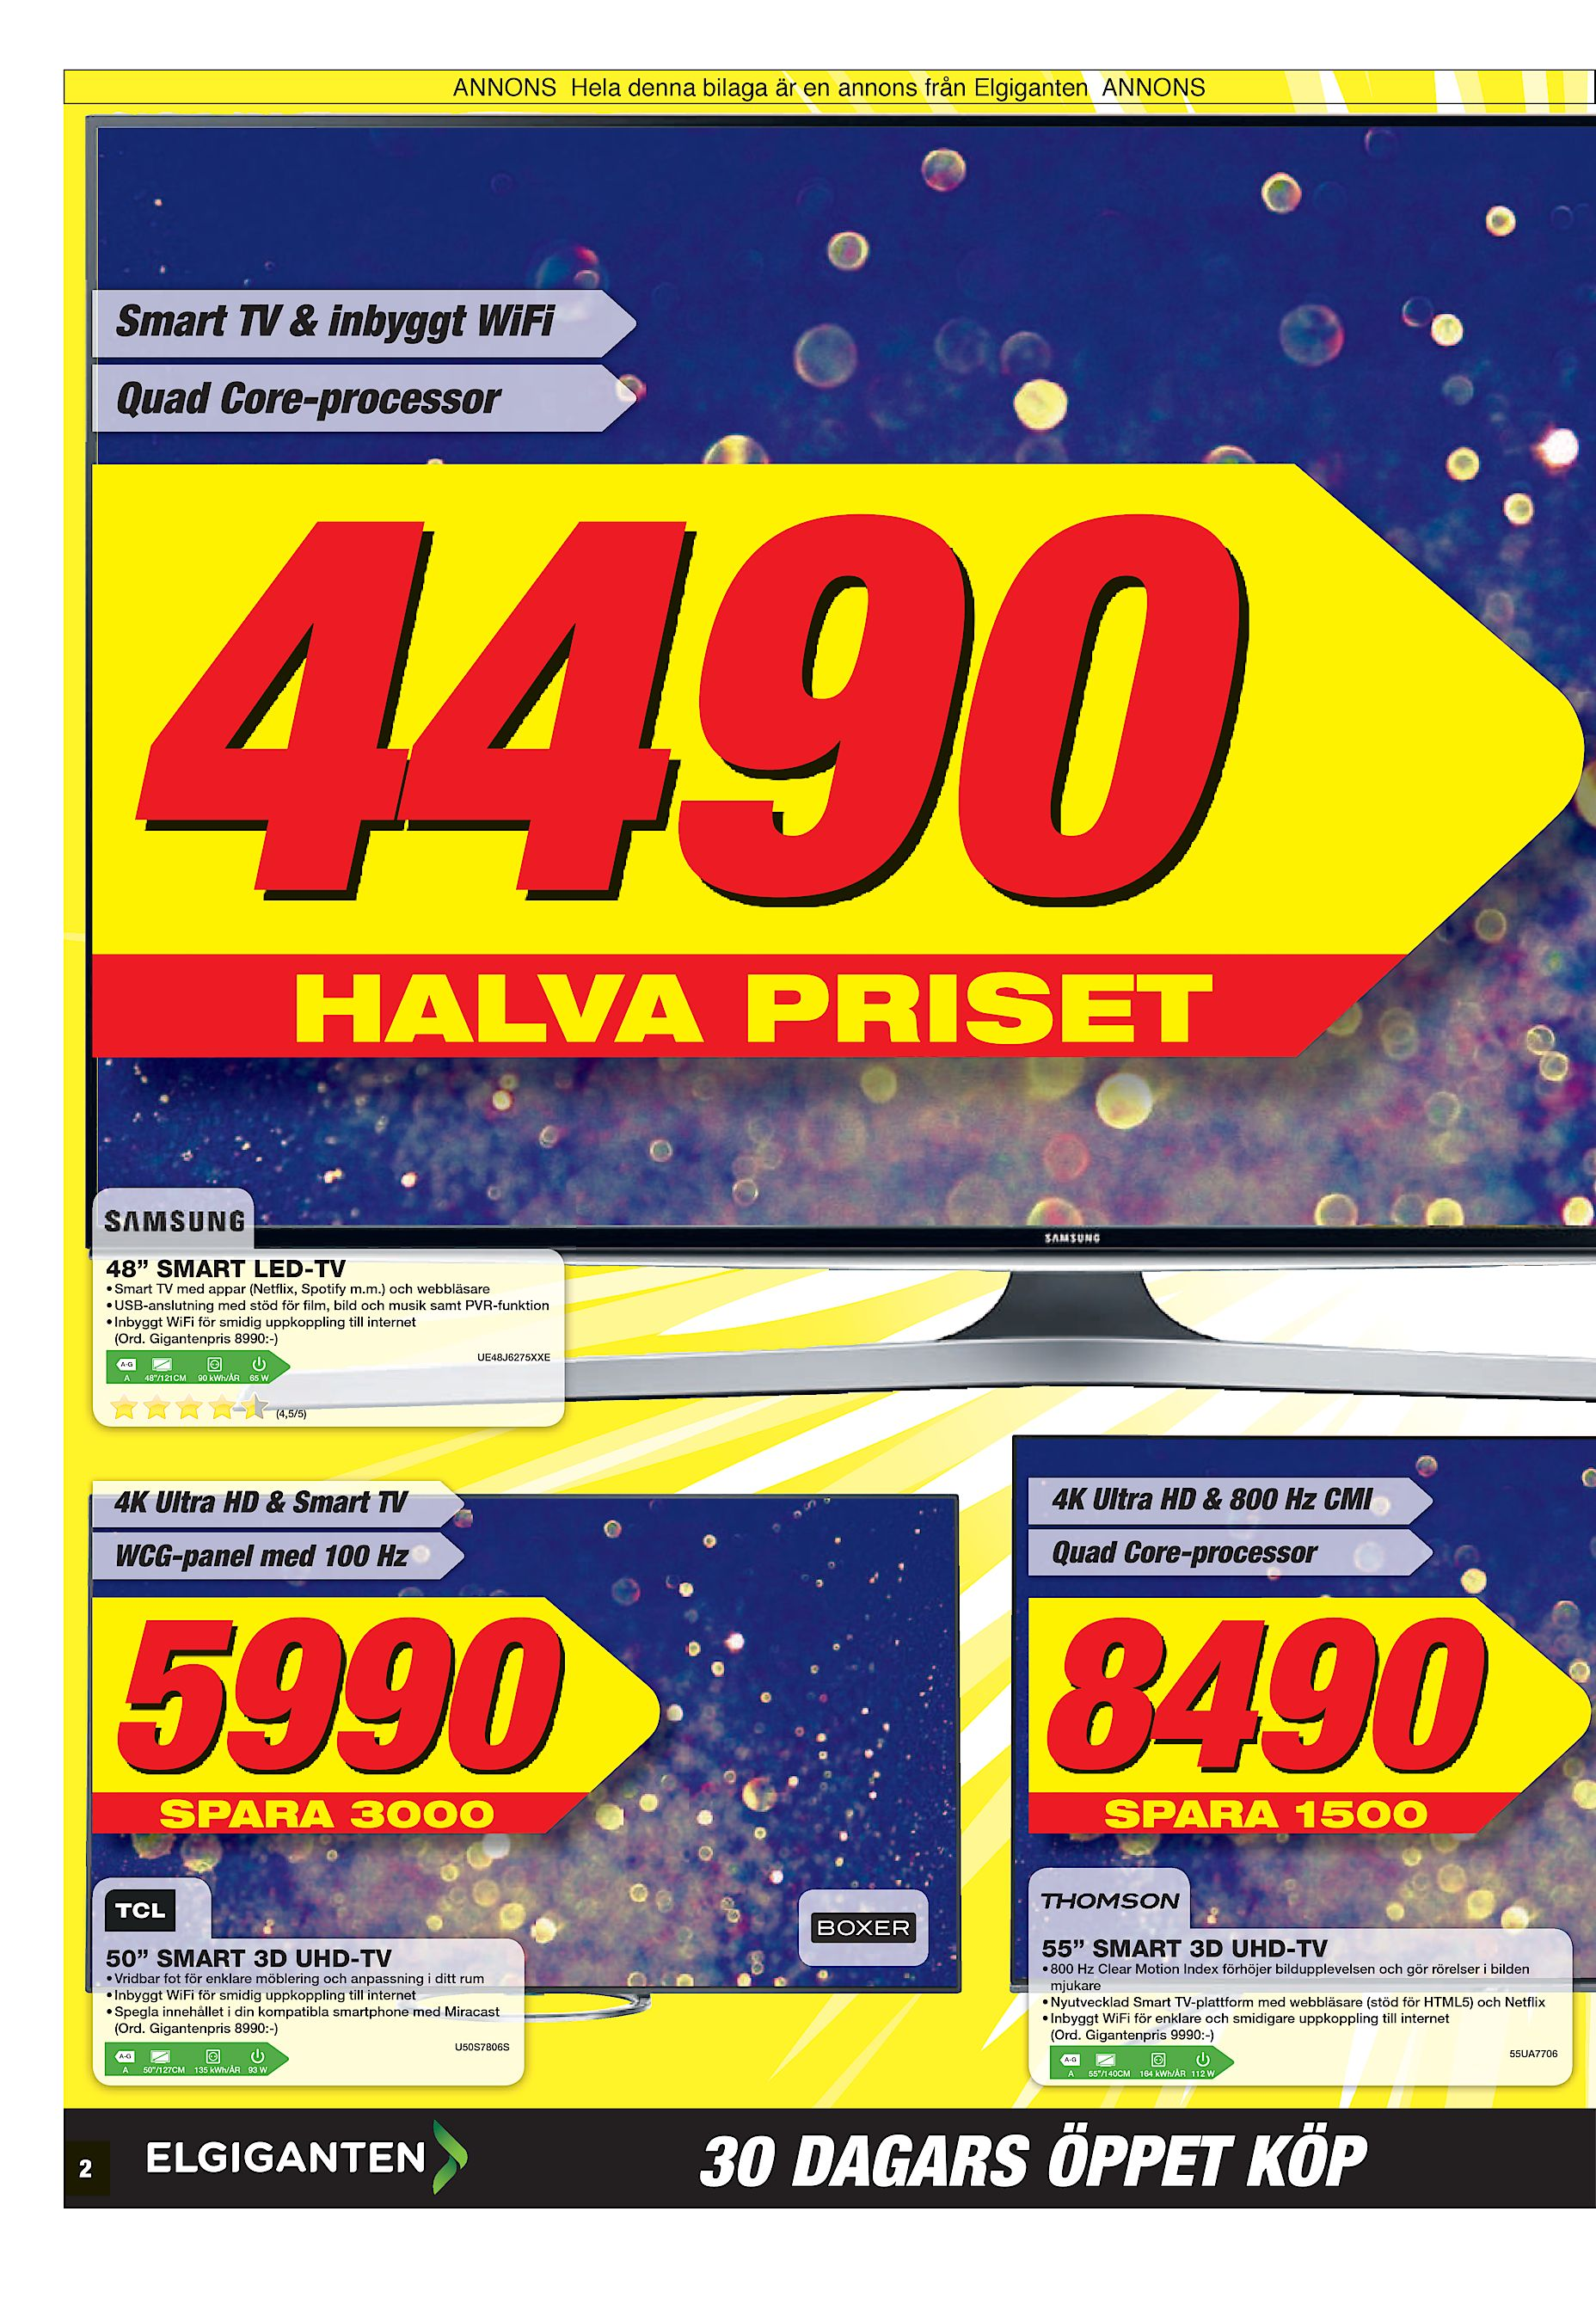 """ANNONS Hela denna bilaga är en annons från Elgiganten ANNONS Smart TV    inbyggt WiFi Quad Core-processor 4490 HALVA PRISET 48"""" SMART LED-TV • Smart  TV med ... 4e433dd2b513f"""